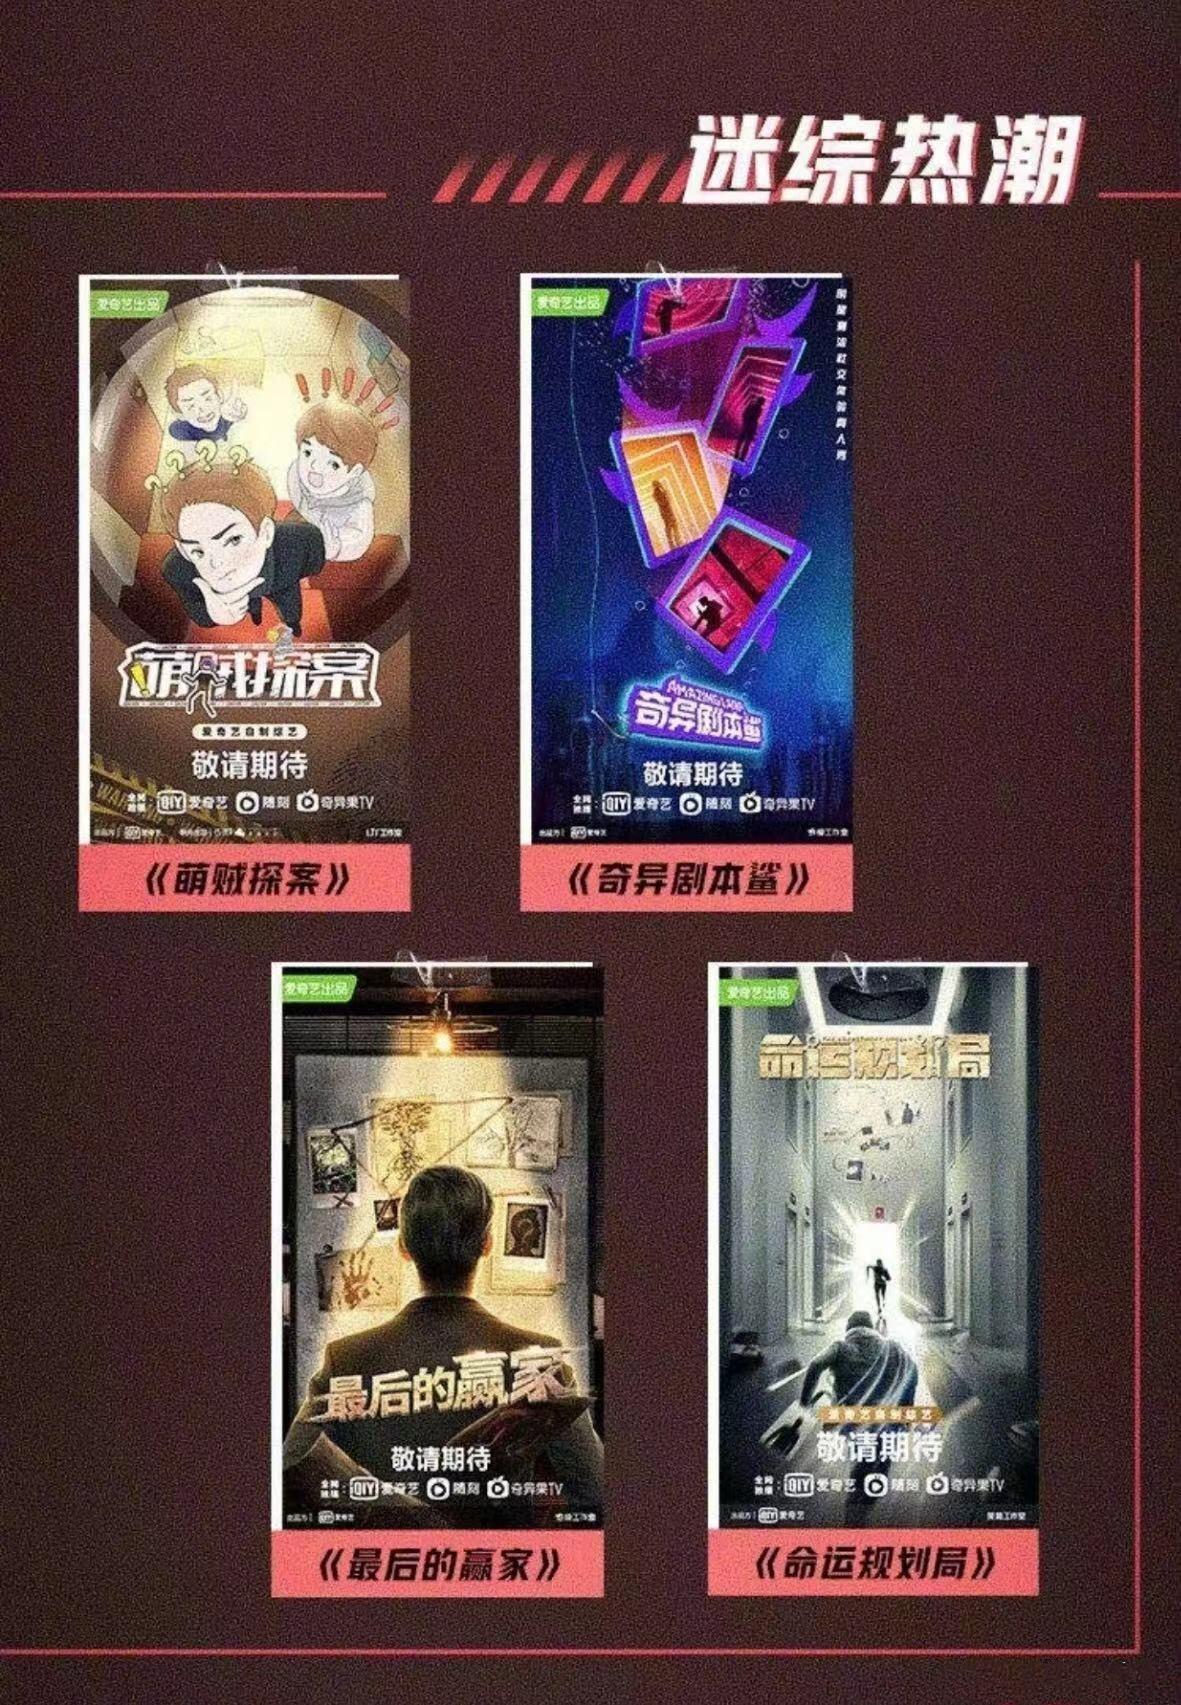 爱奇艺连出4个综艺对于《明星大侦探》,嘉宾很多多少都是芒果台知己_娱乐头条新闻